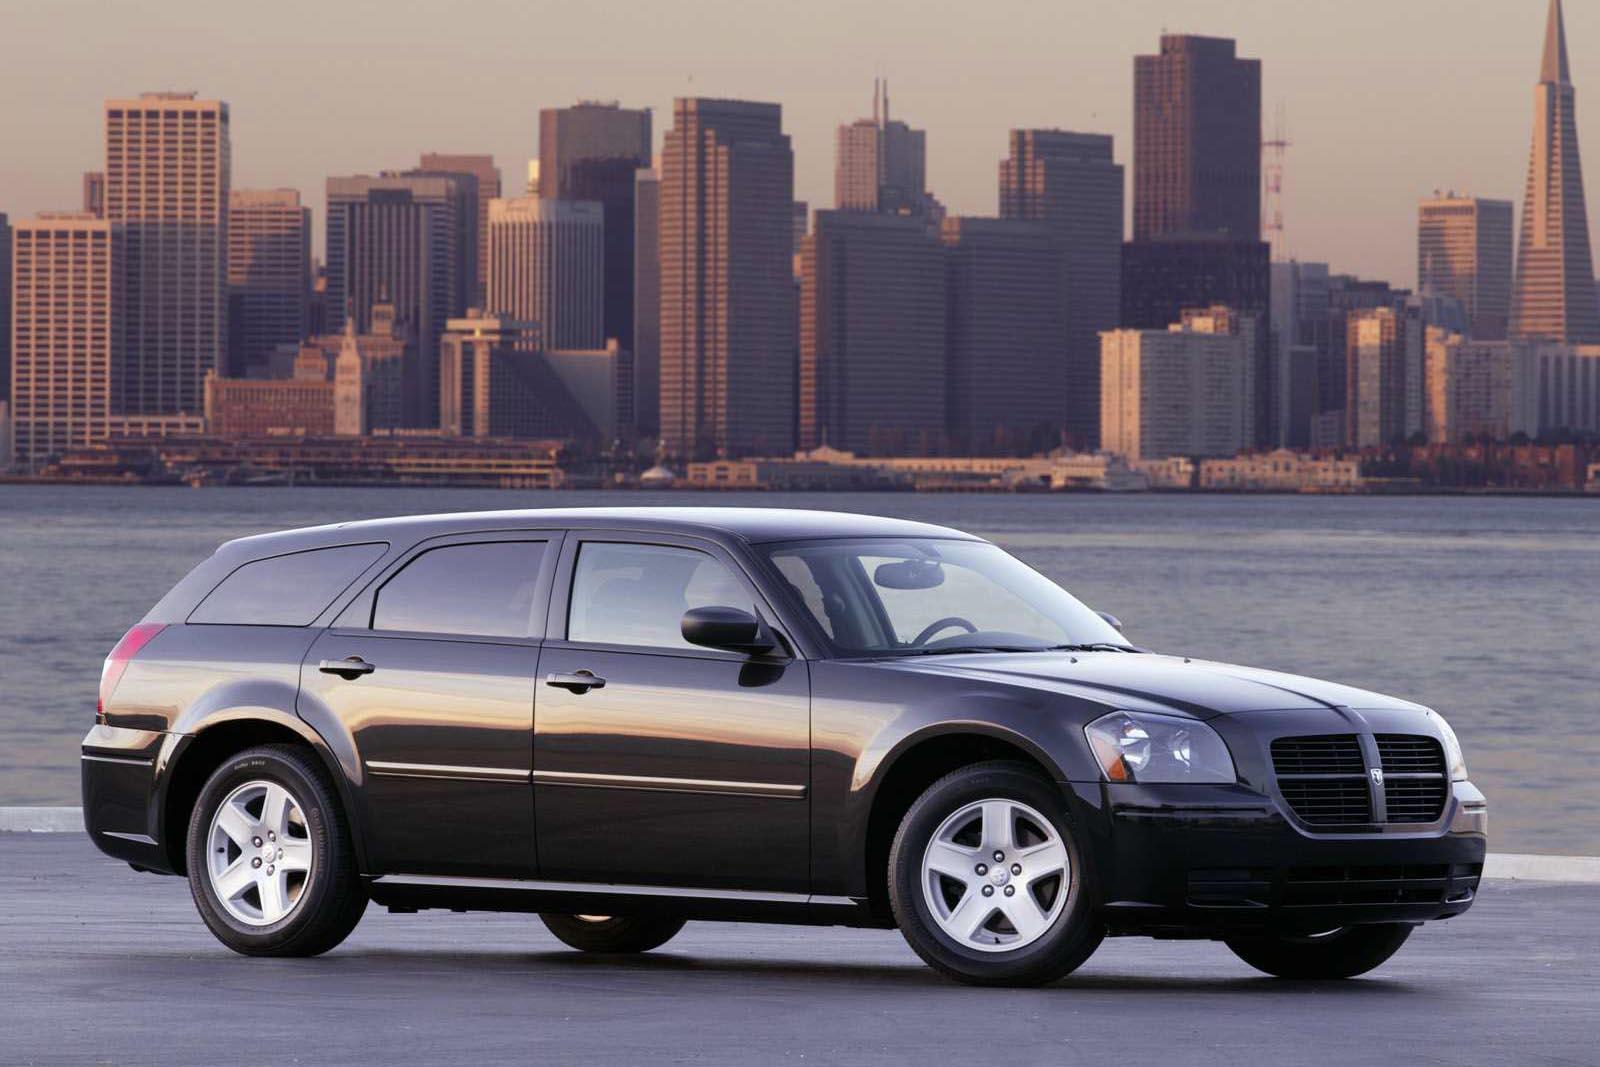 2013 Gmc Acadia >> 2005 Dodge Magnum SXT - Autos.ca